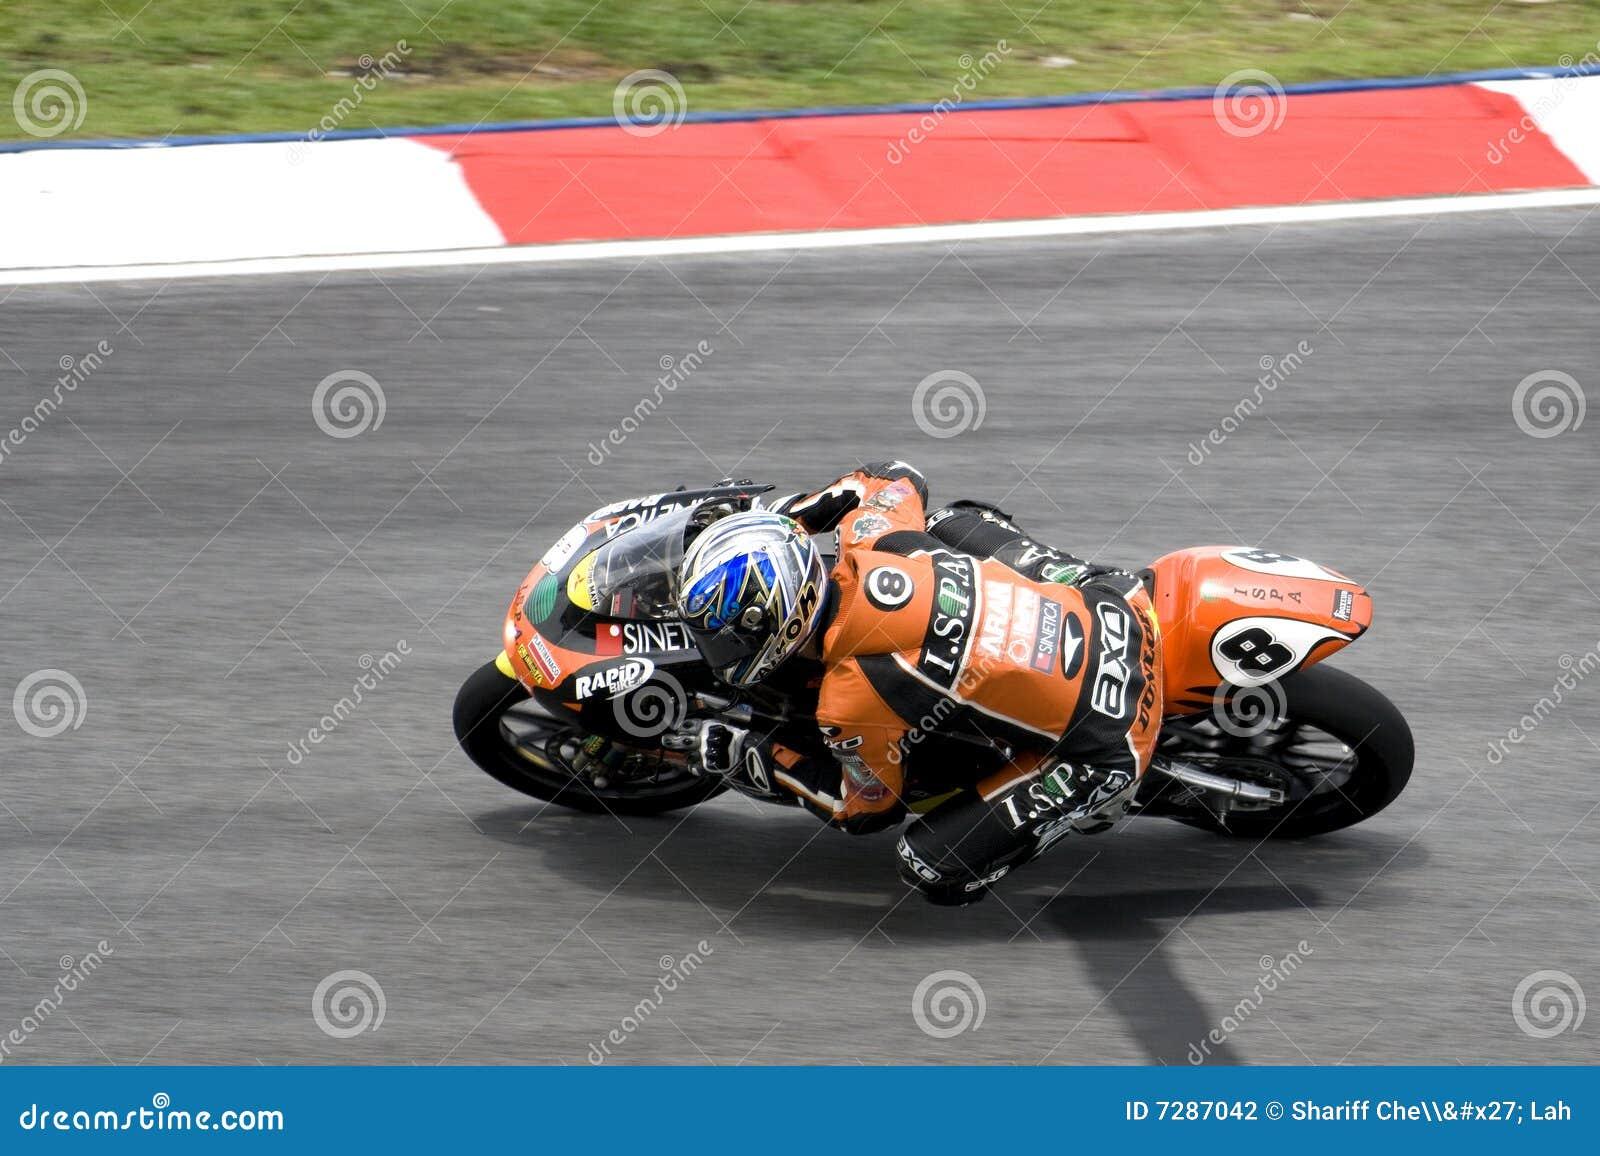 Motogp 125cc - Lorenzo Zanetti